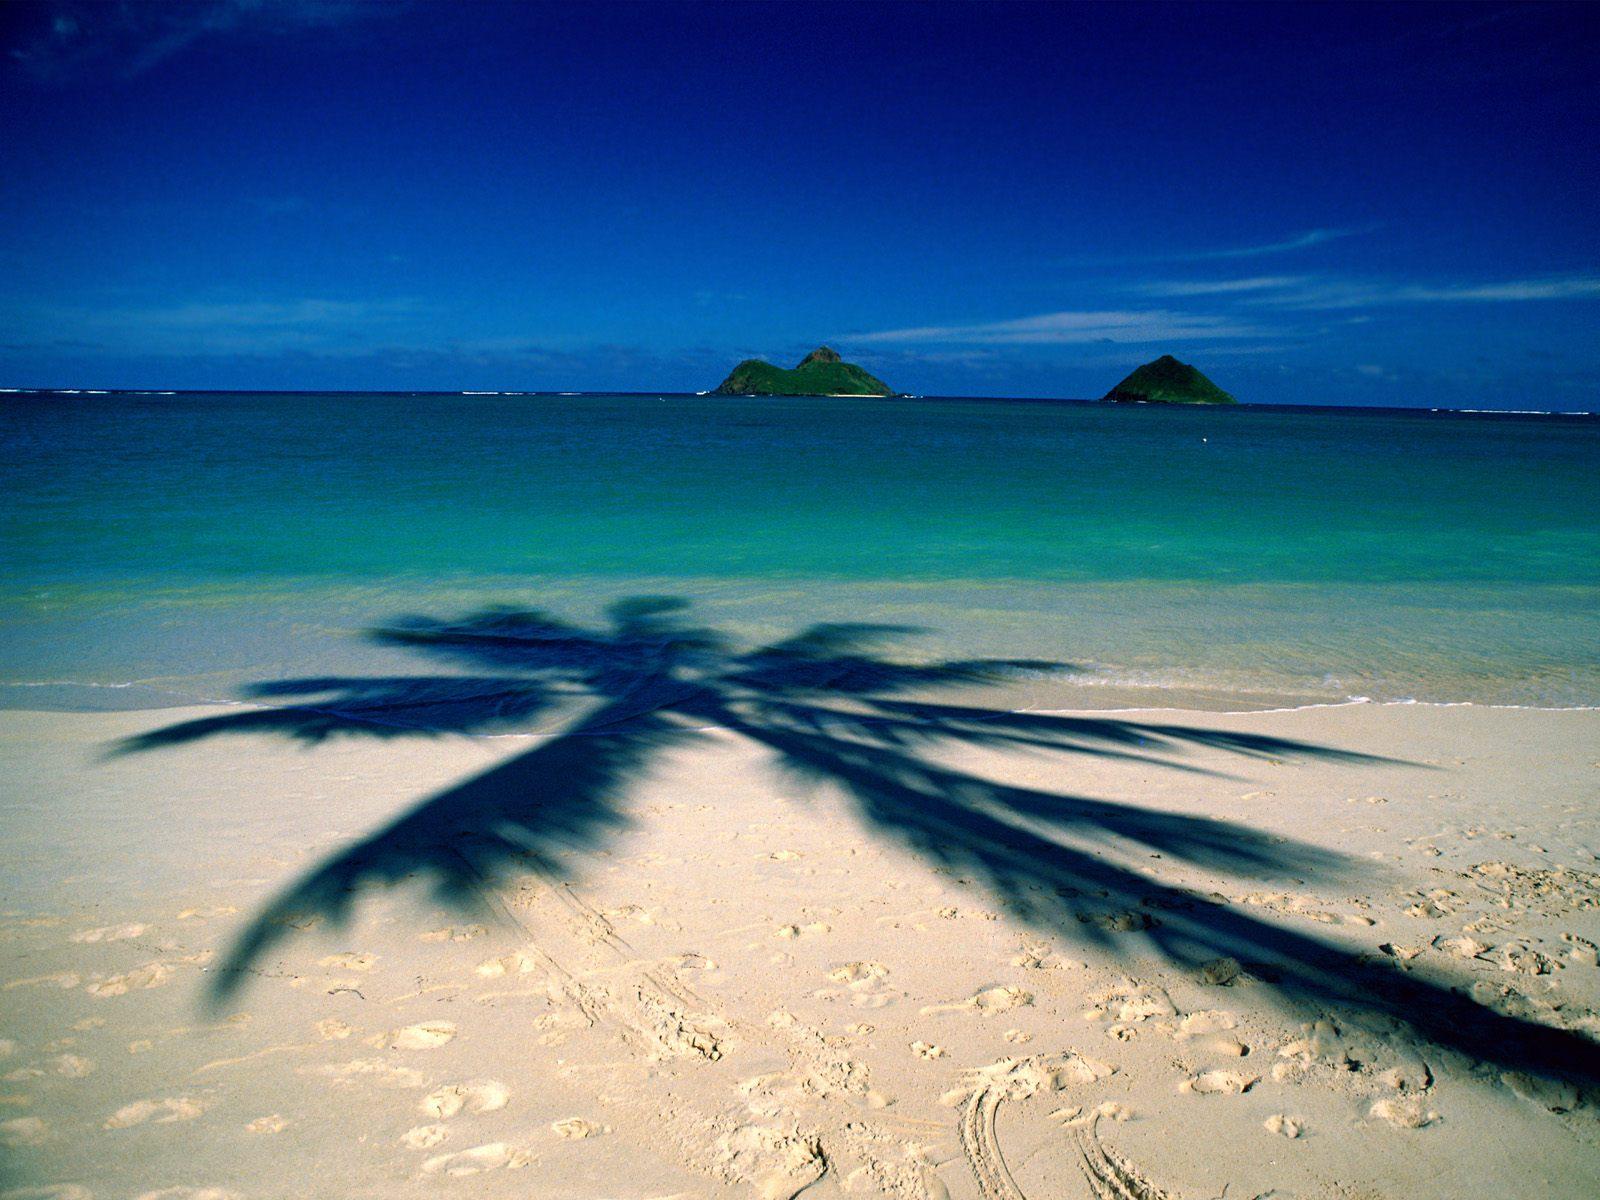 saw the Hawaiin islands